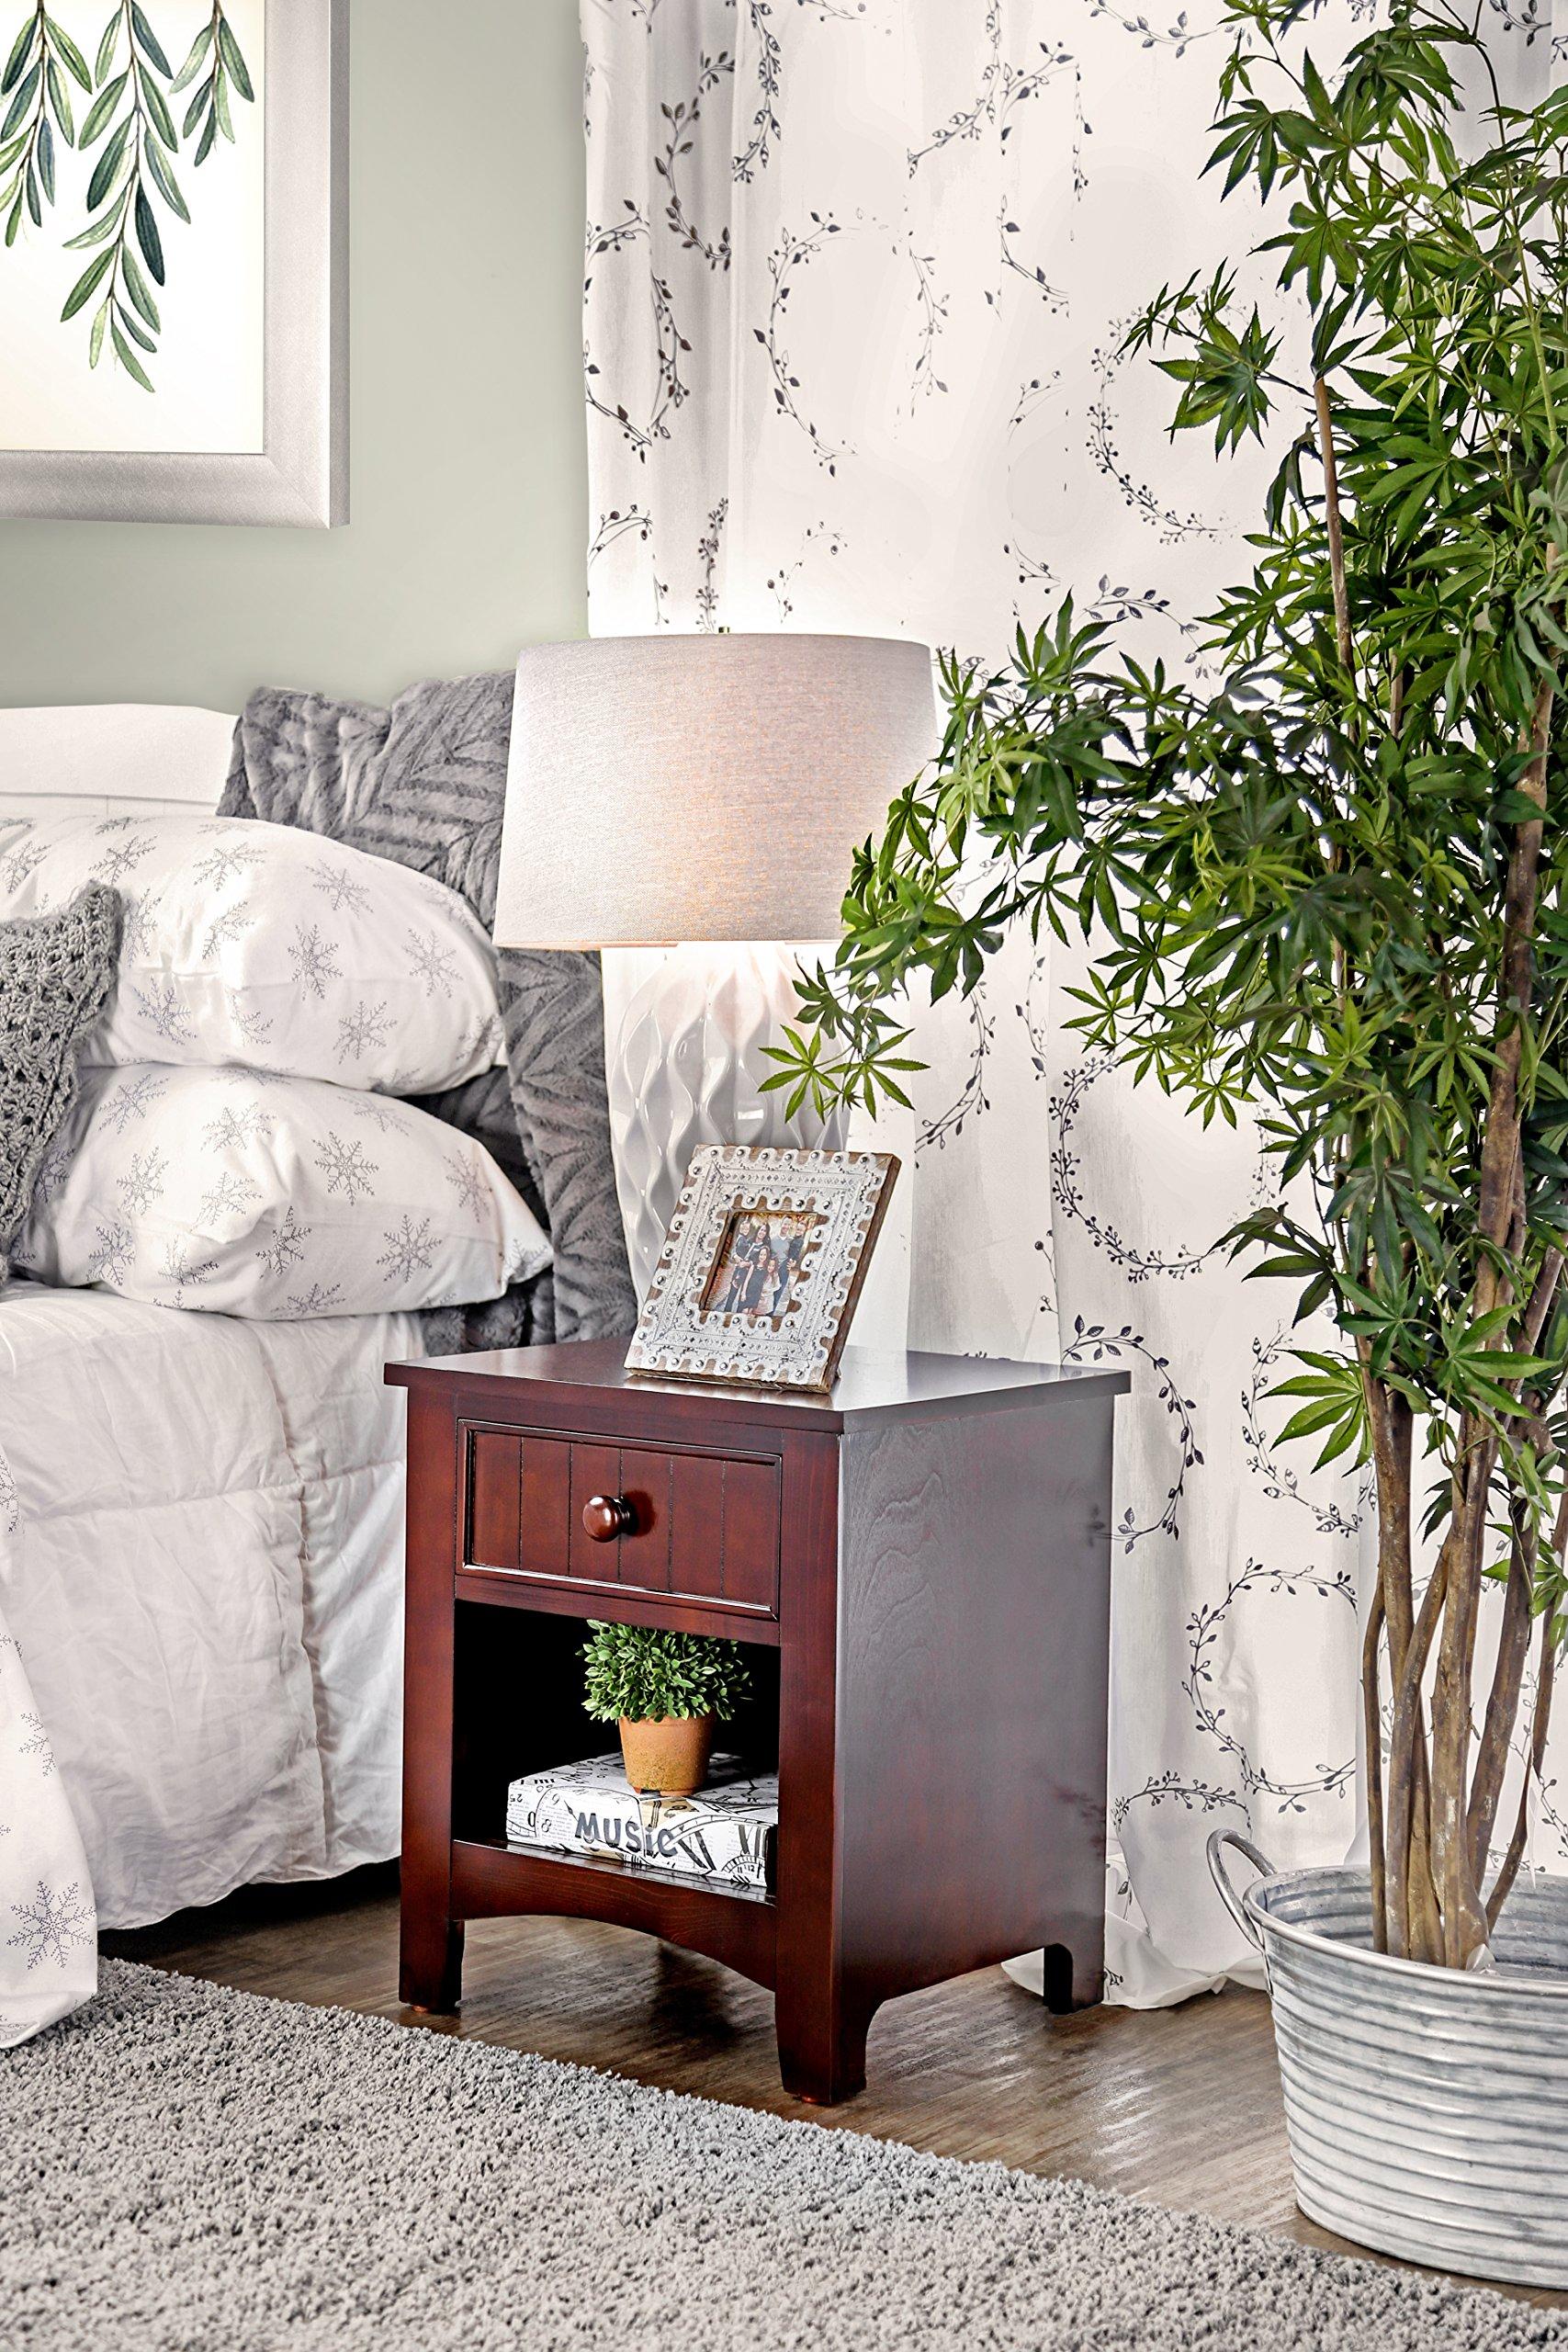 Furniture of America Alaia Dark Walnut Nightstand by Furniture of America